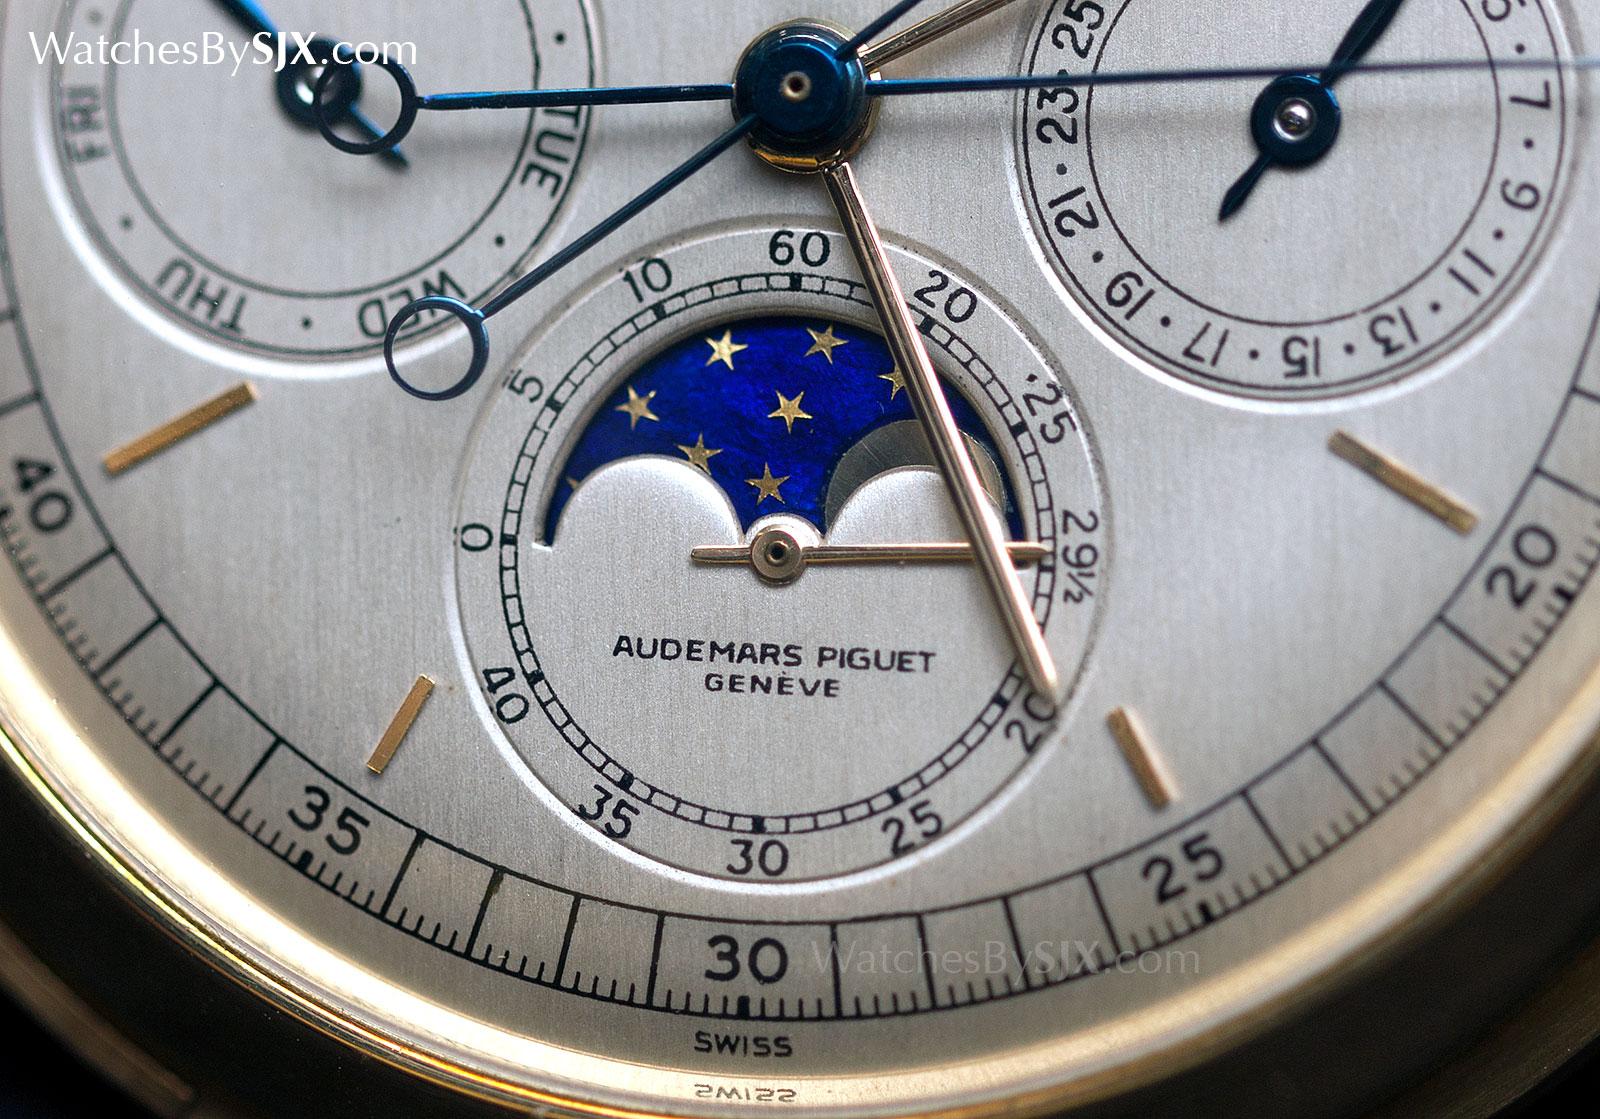 Audemars Piguet grand complication pocket watch c. 1970 1